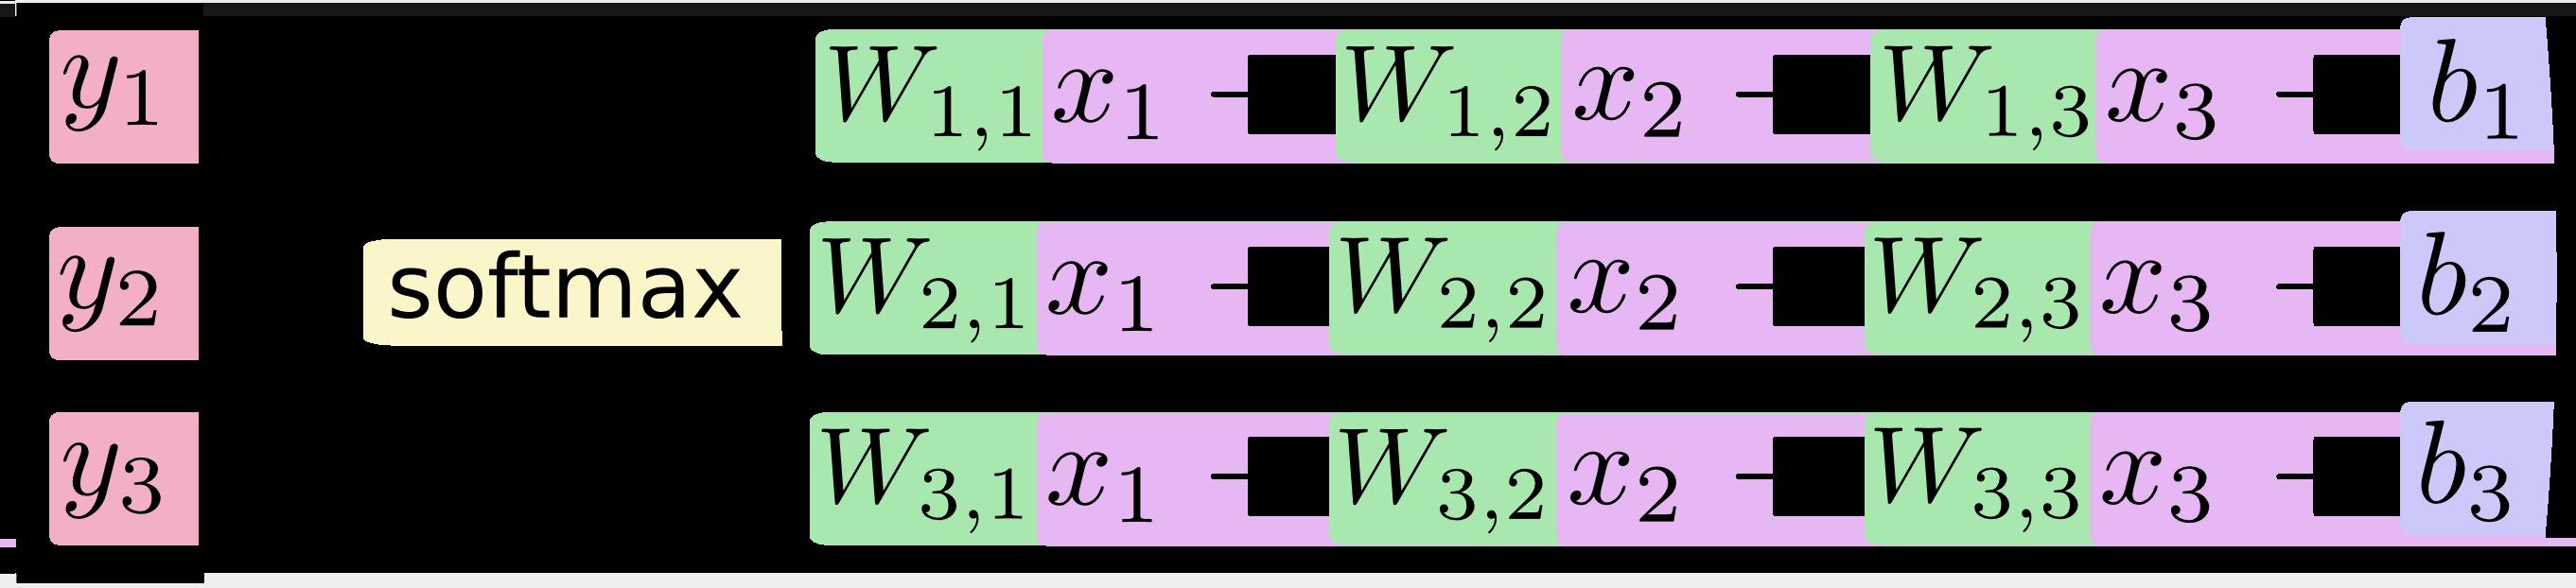 [y1, y2, y3] = softmax(W11*x1 + W12*x2 + W13*x3 + b1,  W21*x1 + W22*x2 + W23*x3 + b2,  W31*x1 + W32*x2 + W33*x3 + b3)